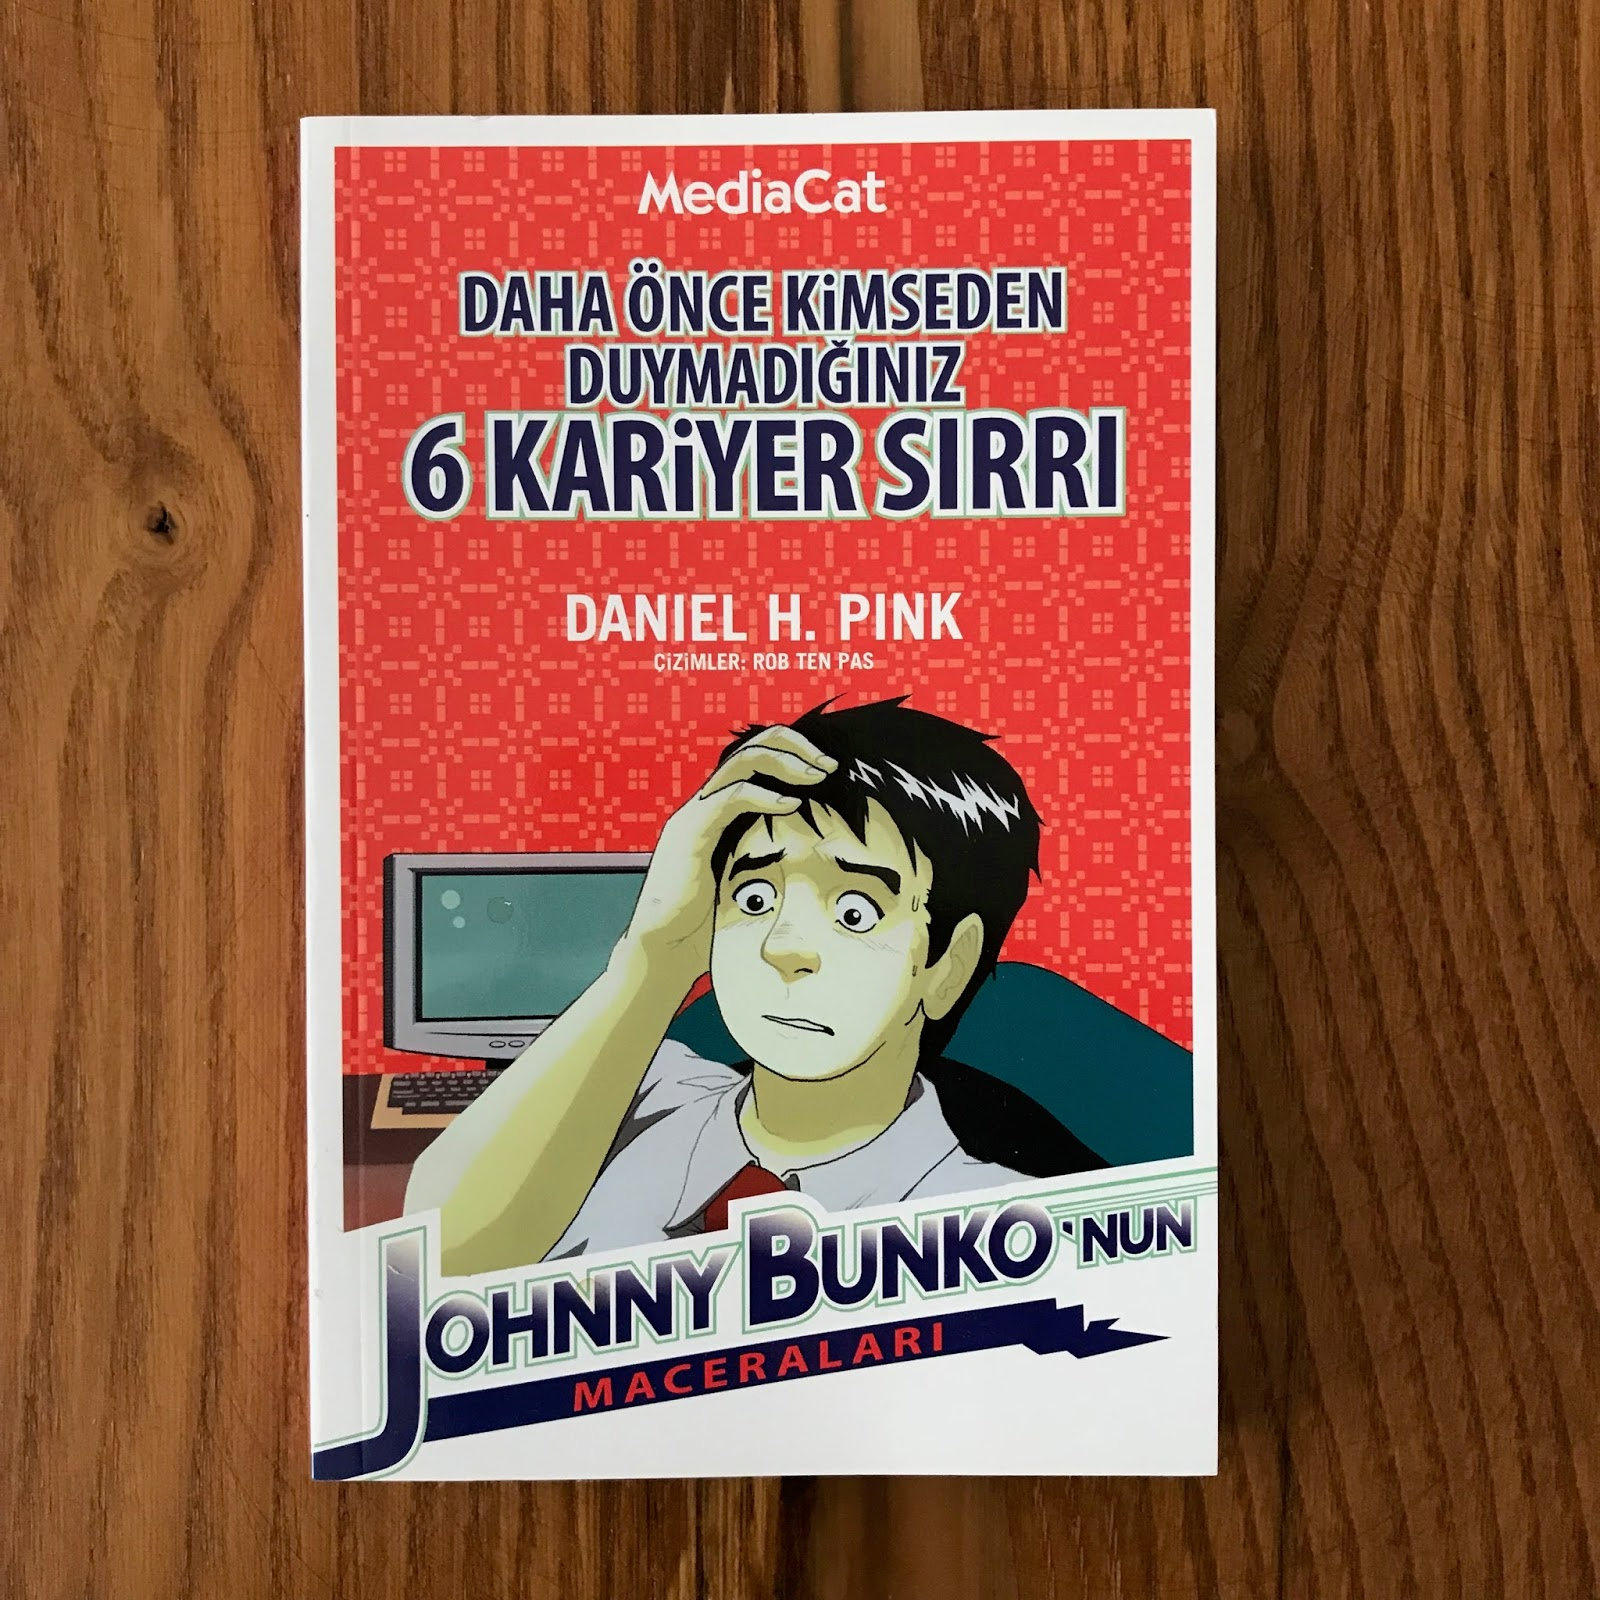 Daha Önce Kimseden Duymadığınız 6 Kariyer Sırrı Johnny Bunko'nun Maceraları